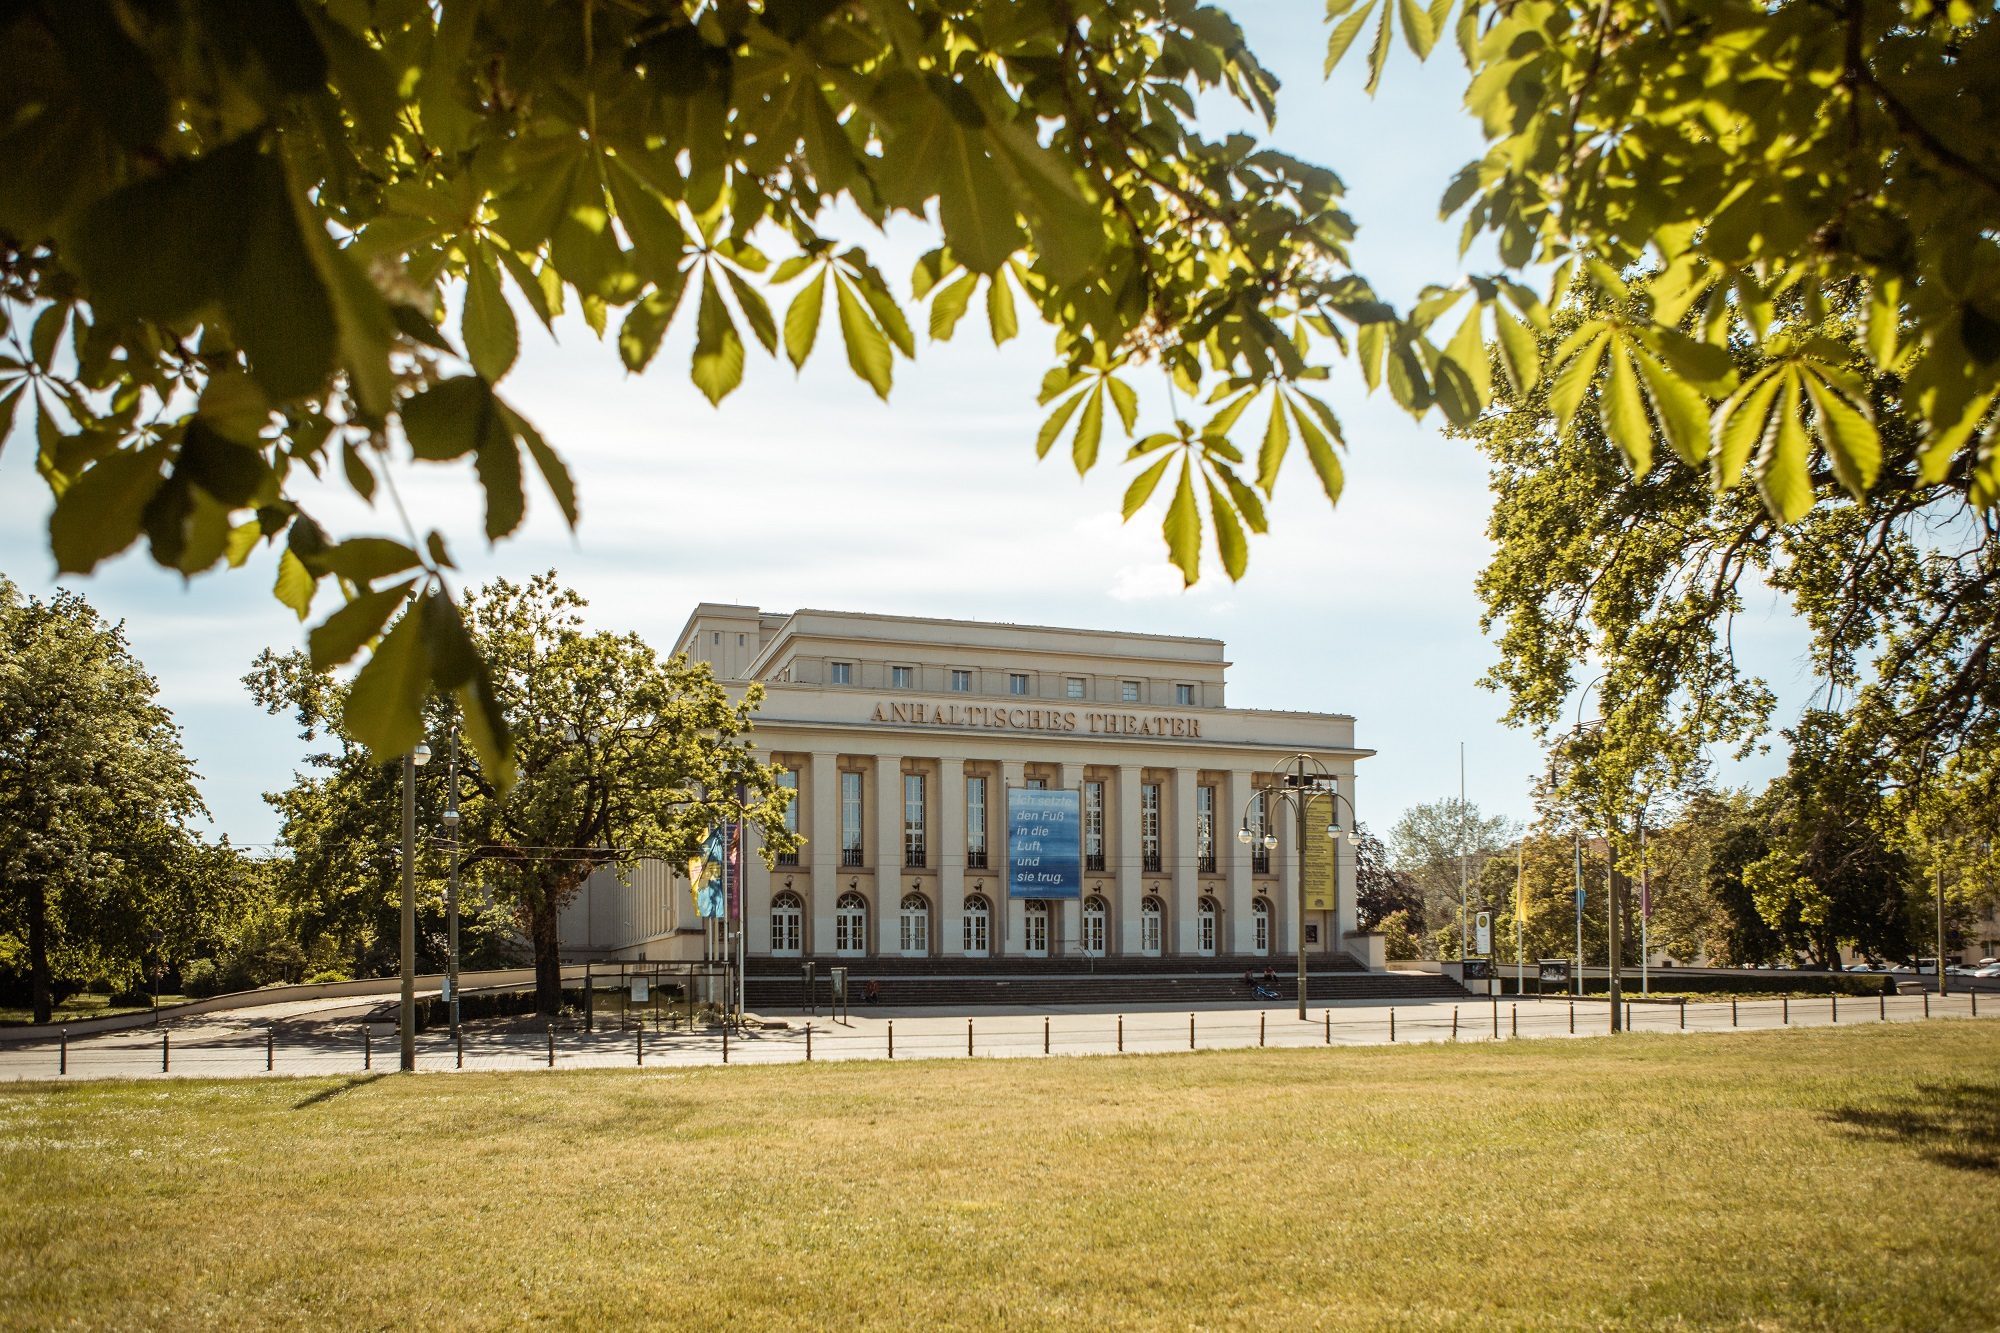 Anhaltisches Theater Dessau